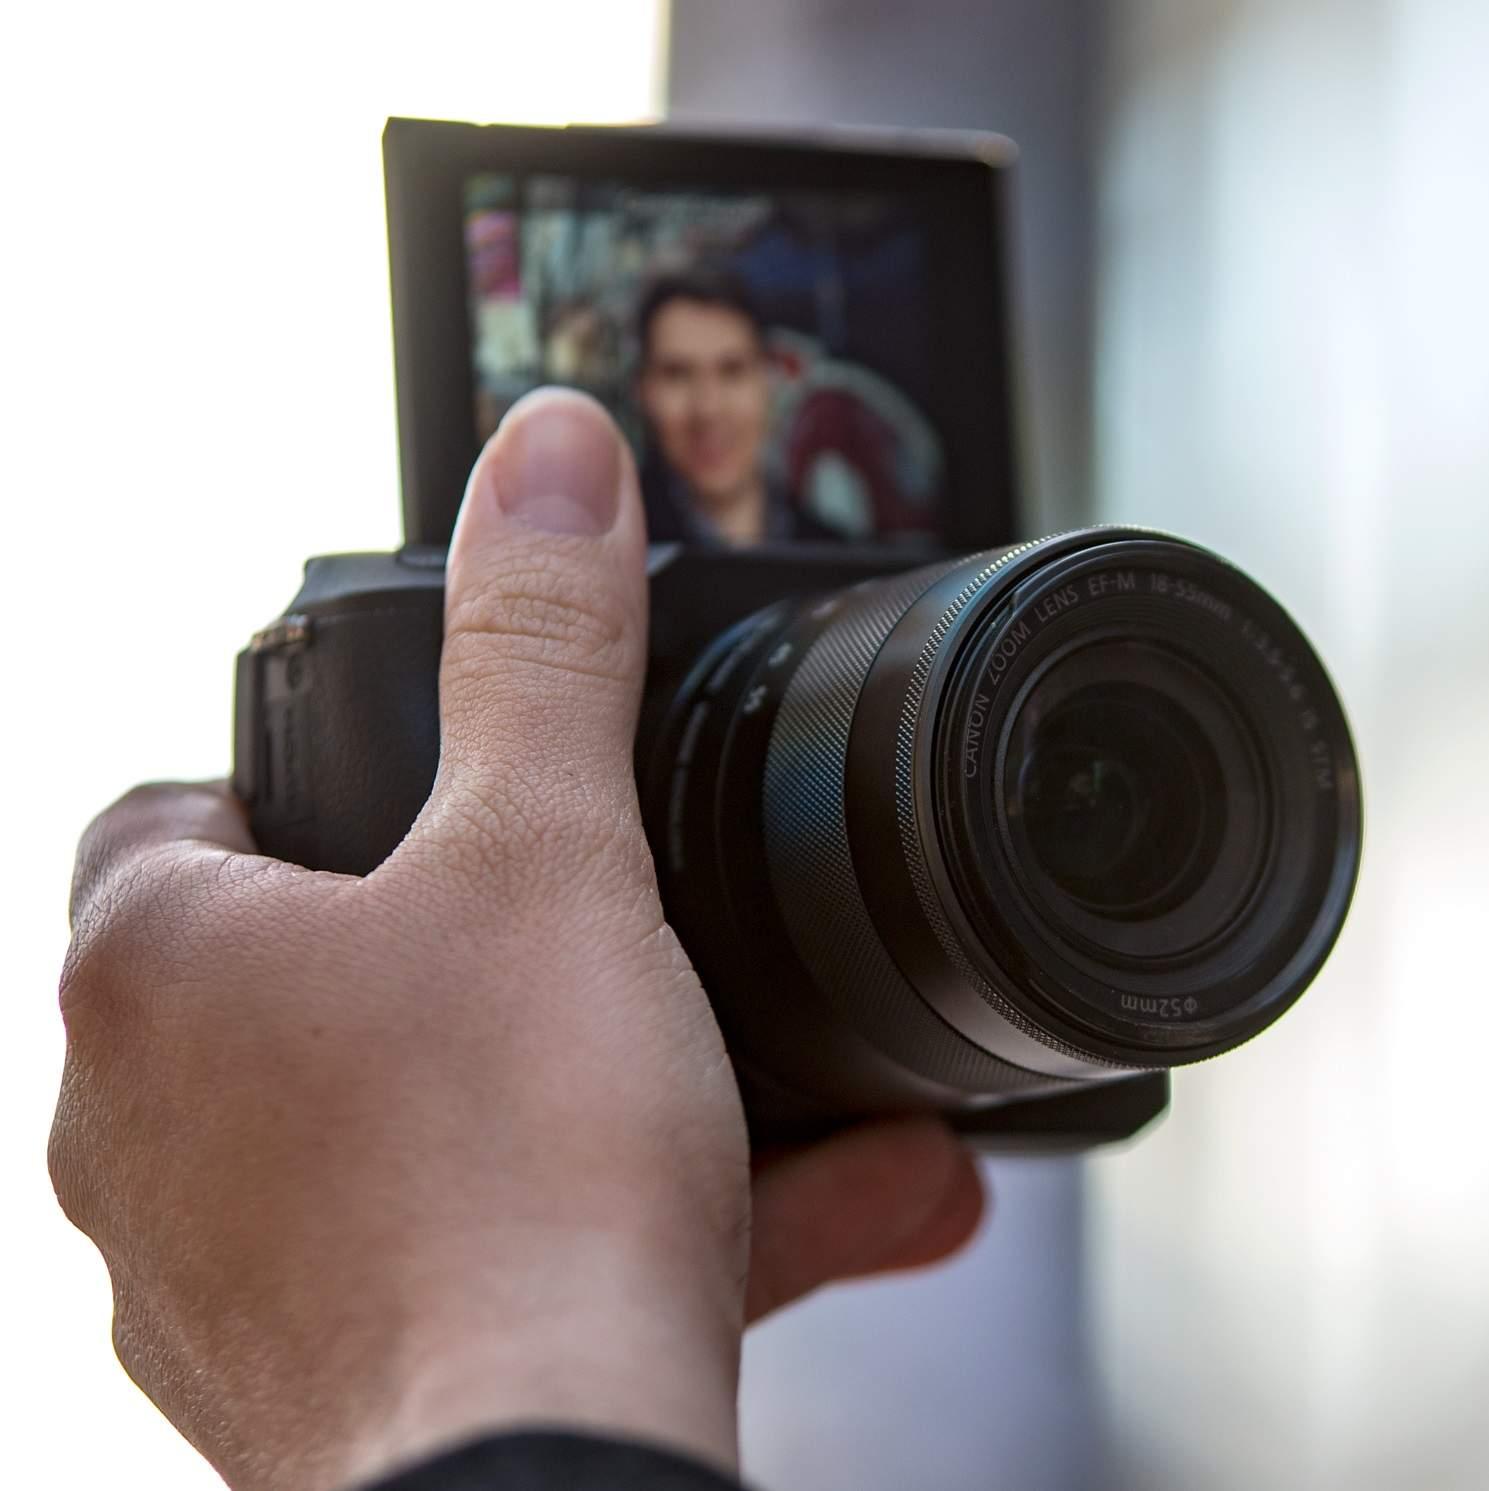 9 Kamera Mirrorless Terbaik Untuk Selfie 2018 Layarnya Bisa Diputar Sony Alpha A5100 Kit 16 50mm Hitam Pricebook